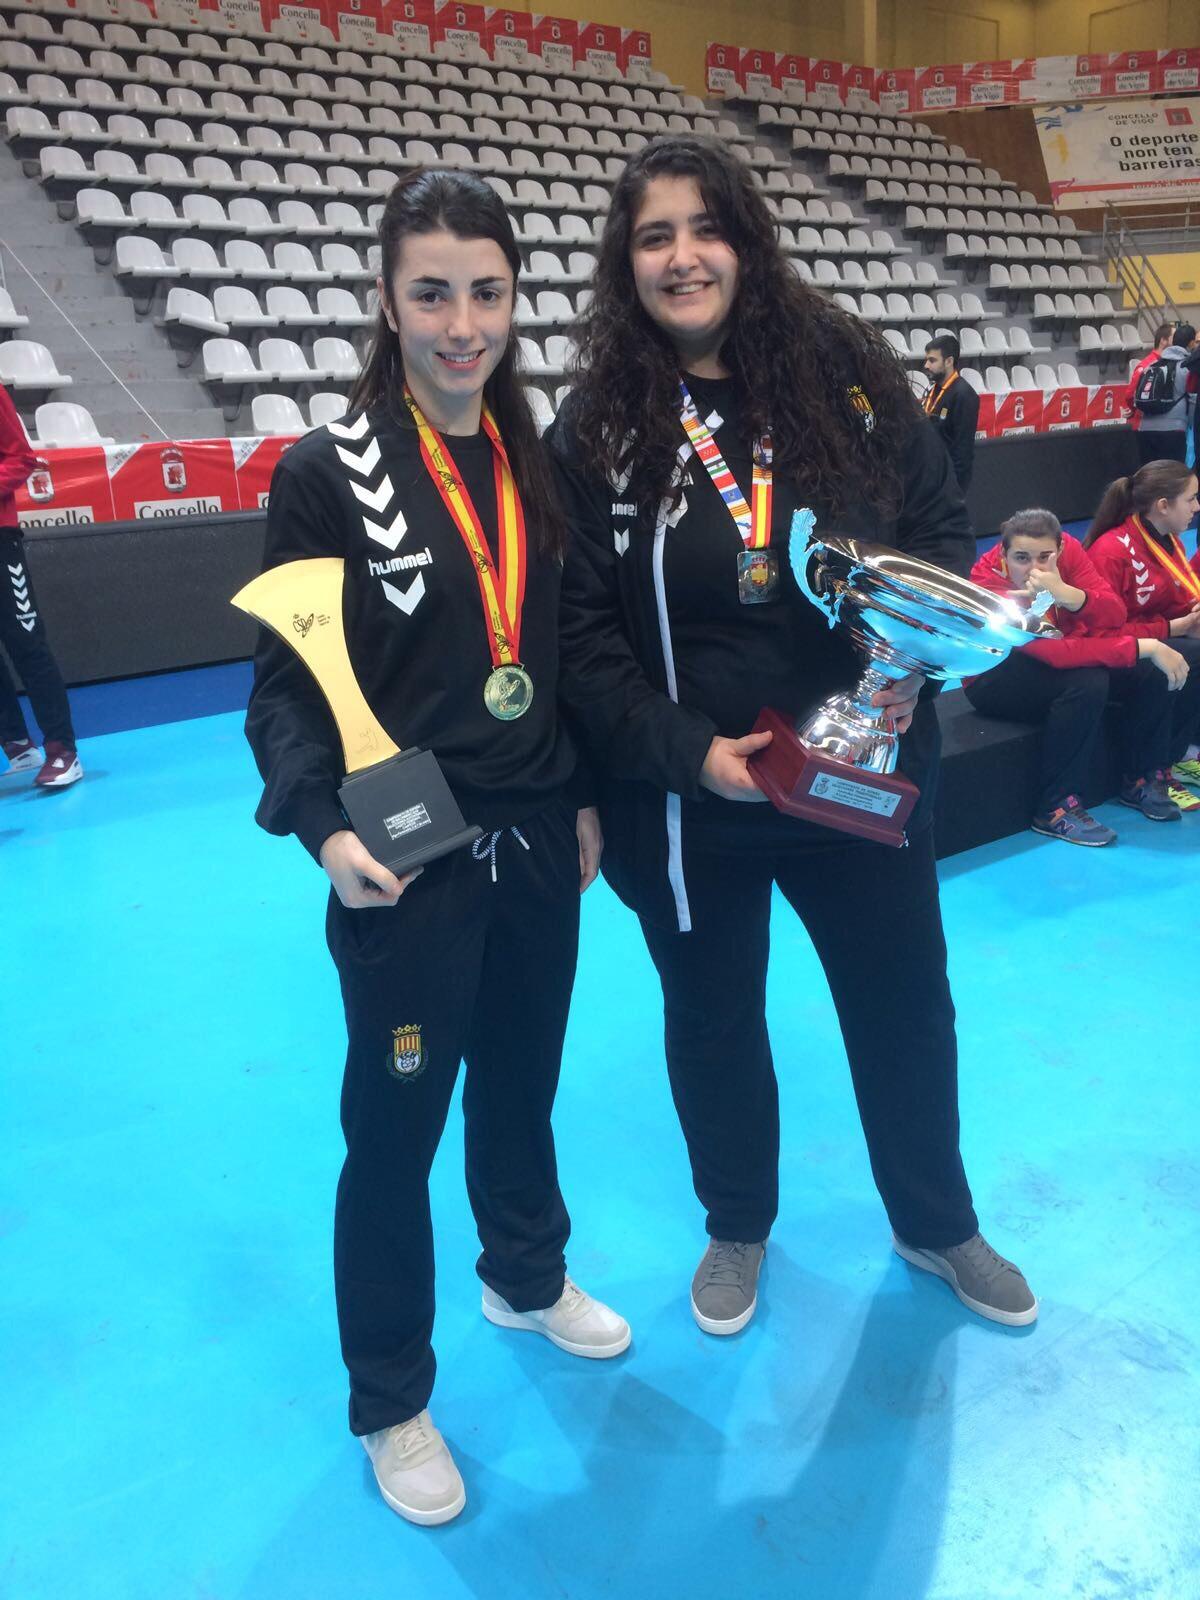 Dues estudiants del Grau en Fisioteràpia d'EUSES col·laboren amb les seleccions catalanes cadet i juvenil d'handbol en el campionat estatal celebrat a Pontevedra